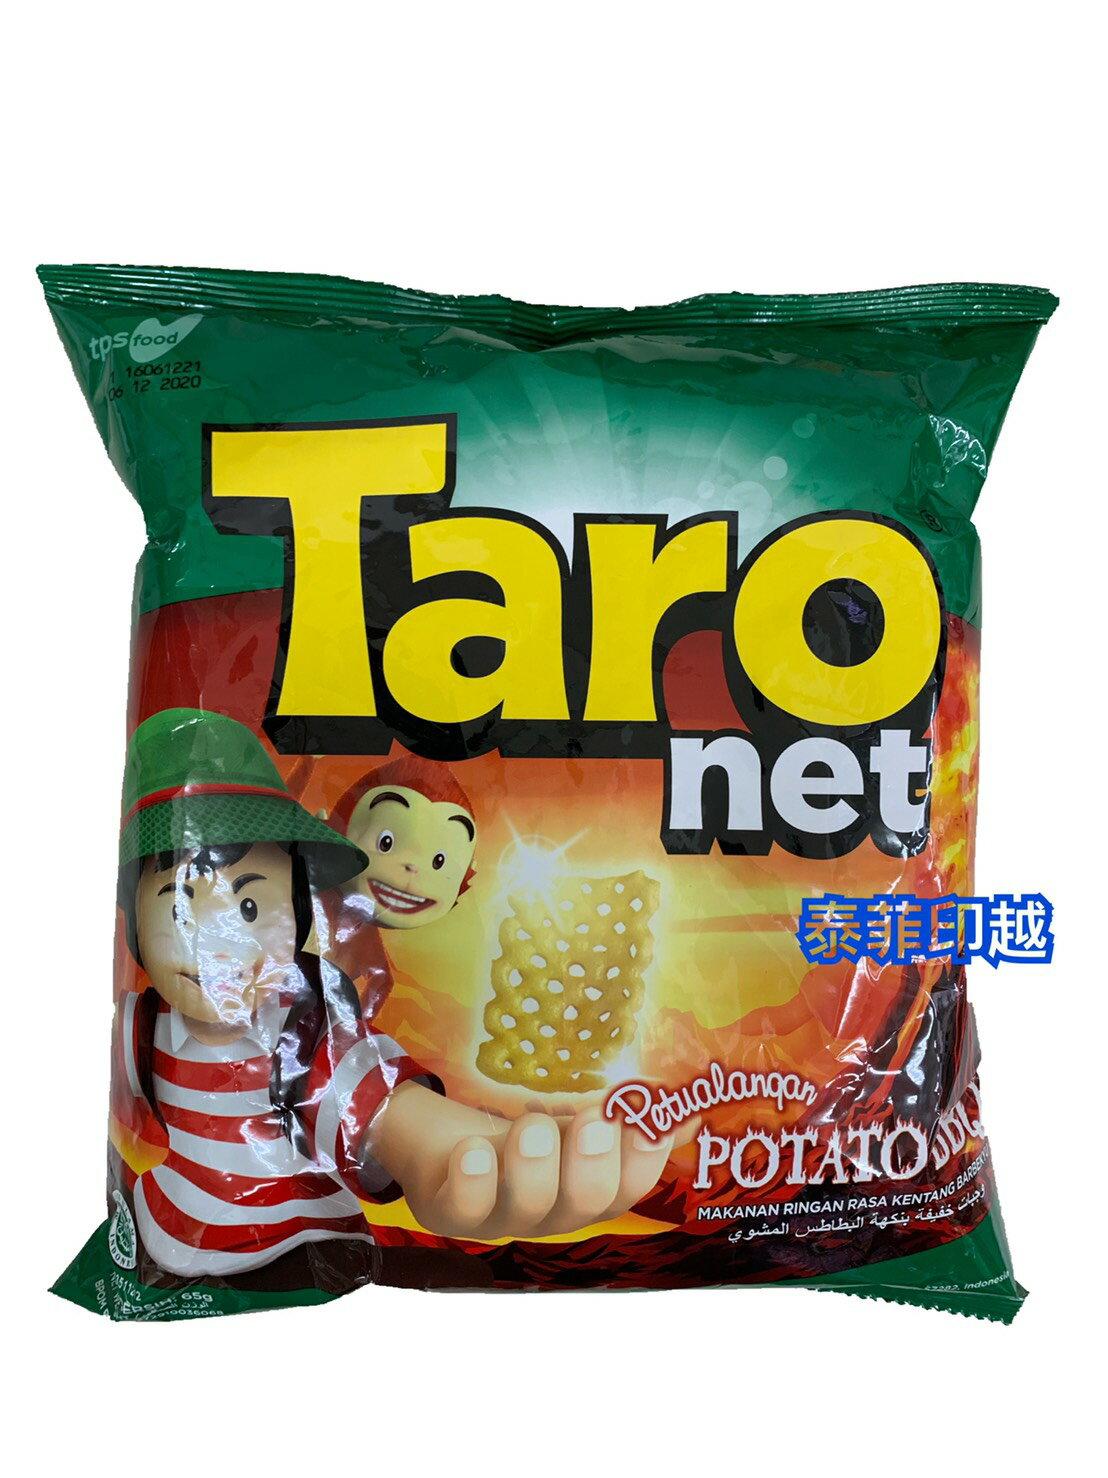 {泰菲印越} 印尼 taro net 燒烤馬鈴薯風味 樹薯脆片 65克